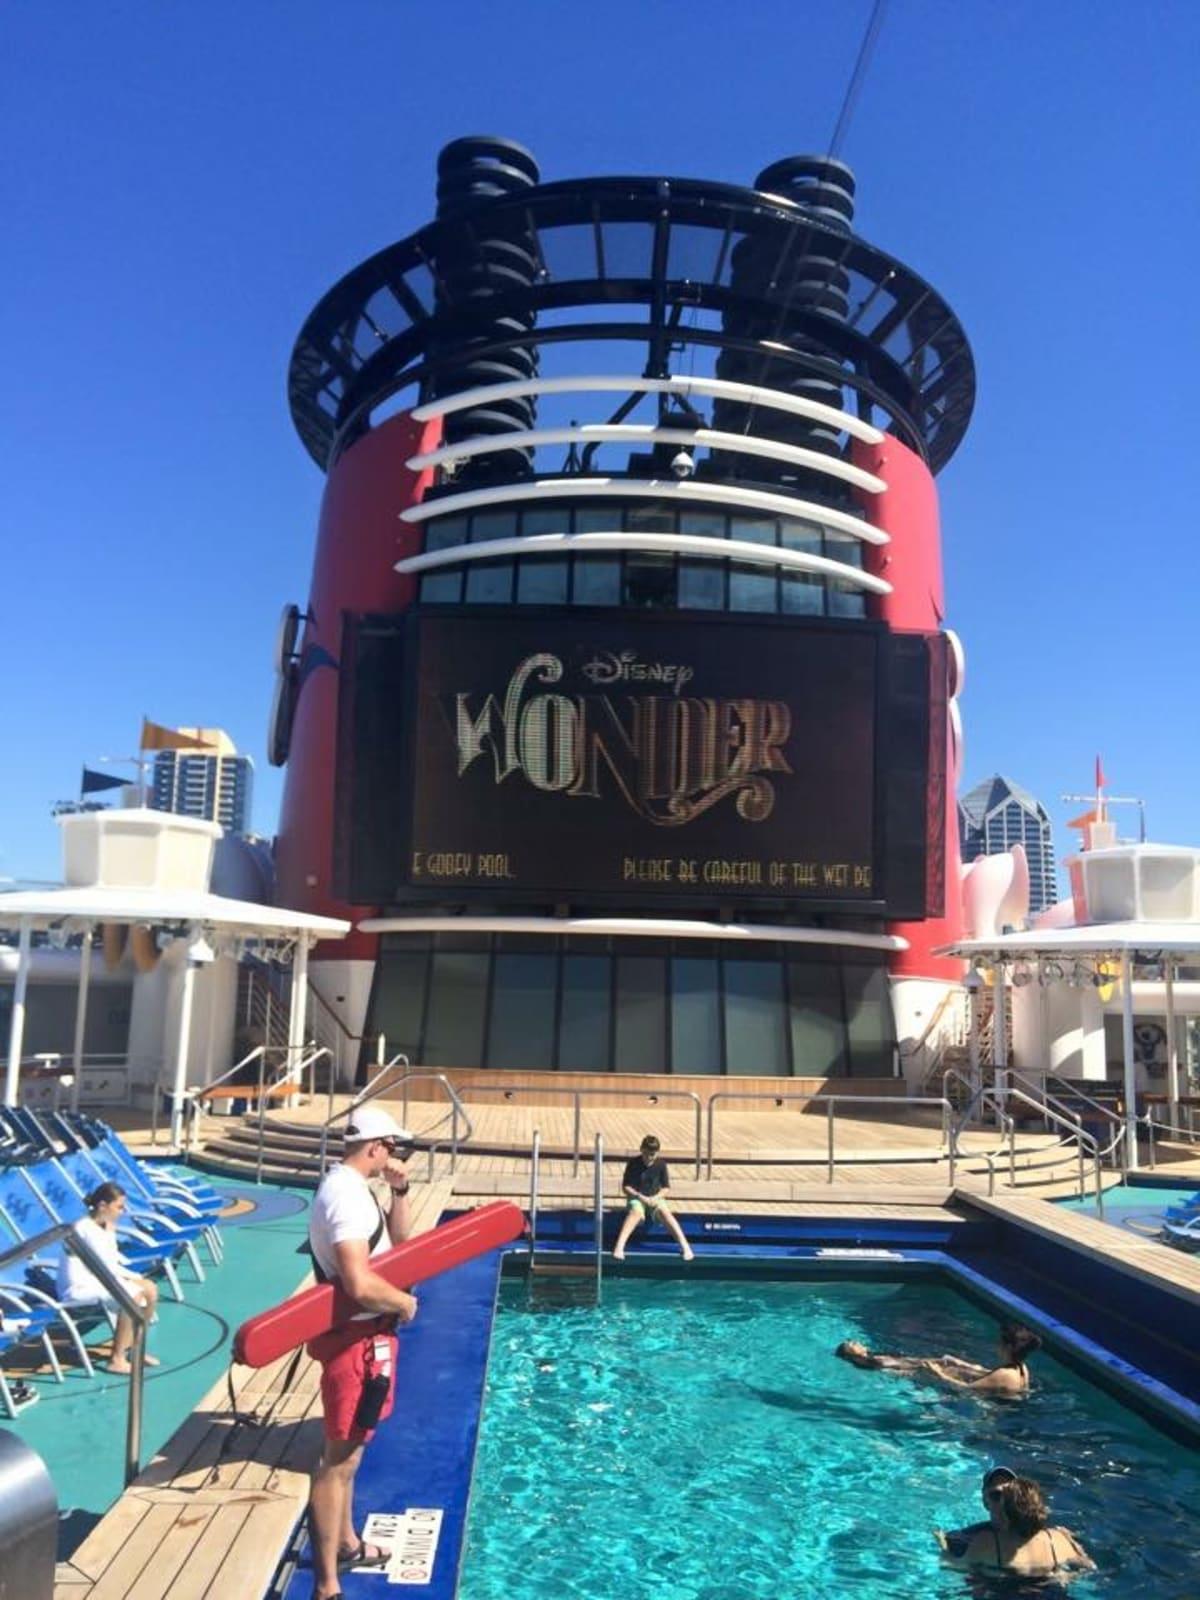 客船ディズニー・ワンダーの船内施設